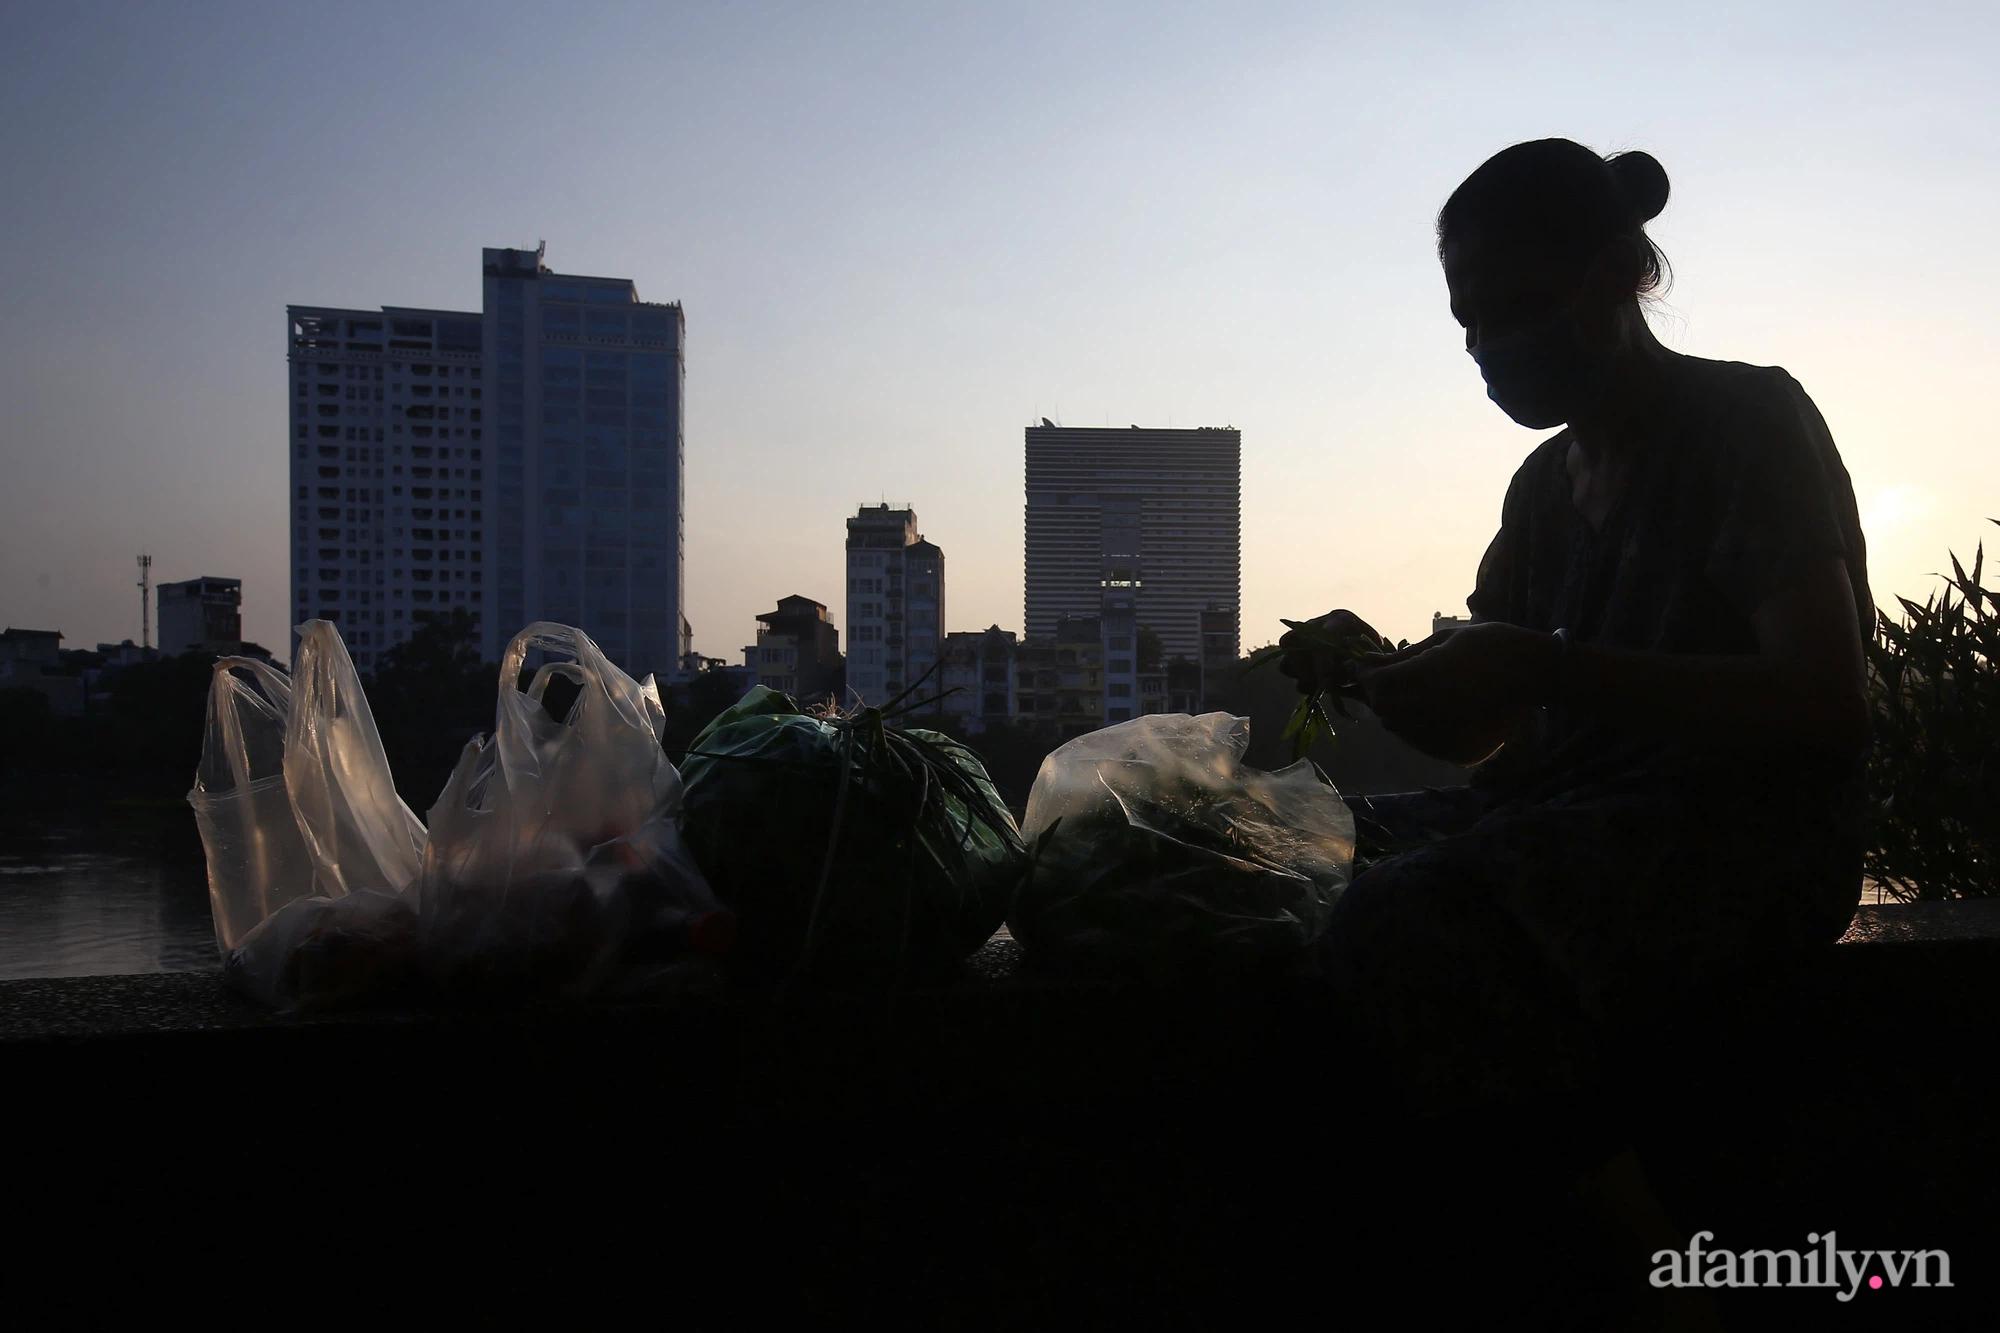 Buổi sáng đầu tiên cách ly toàn xã hội, đường phố Hà Nội vắng vẻ, người dân chỉ tập trung đông tại một số khu chợ để mua đồ ăn uống, sinh hoạt cho những ngày sắp tới - Ảnh 13.